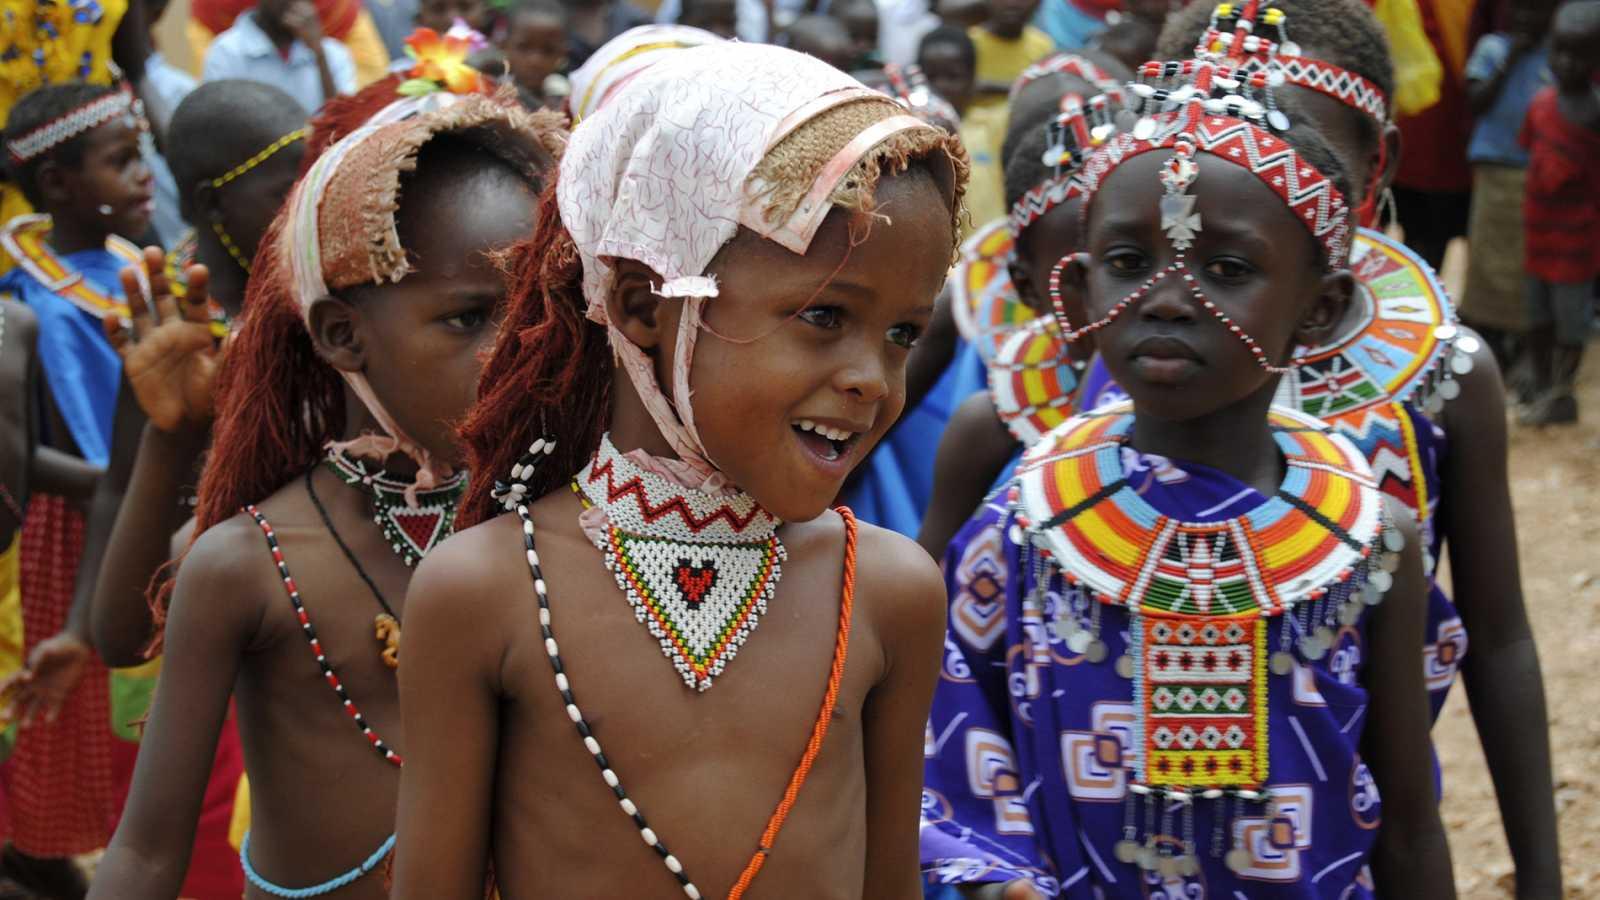 Más de 200 millones de mujeres y niñas han sufrido mutilación genital en todo el mundo